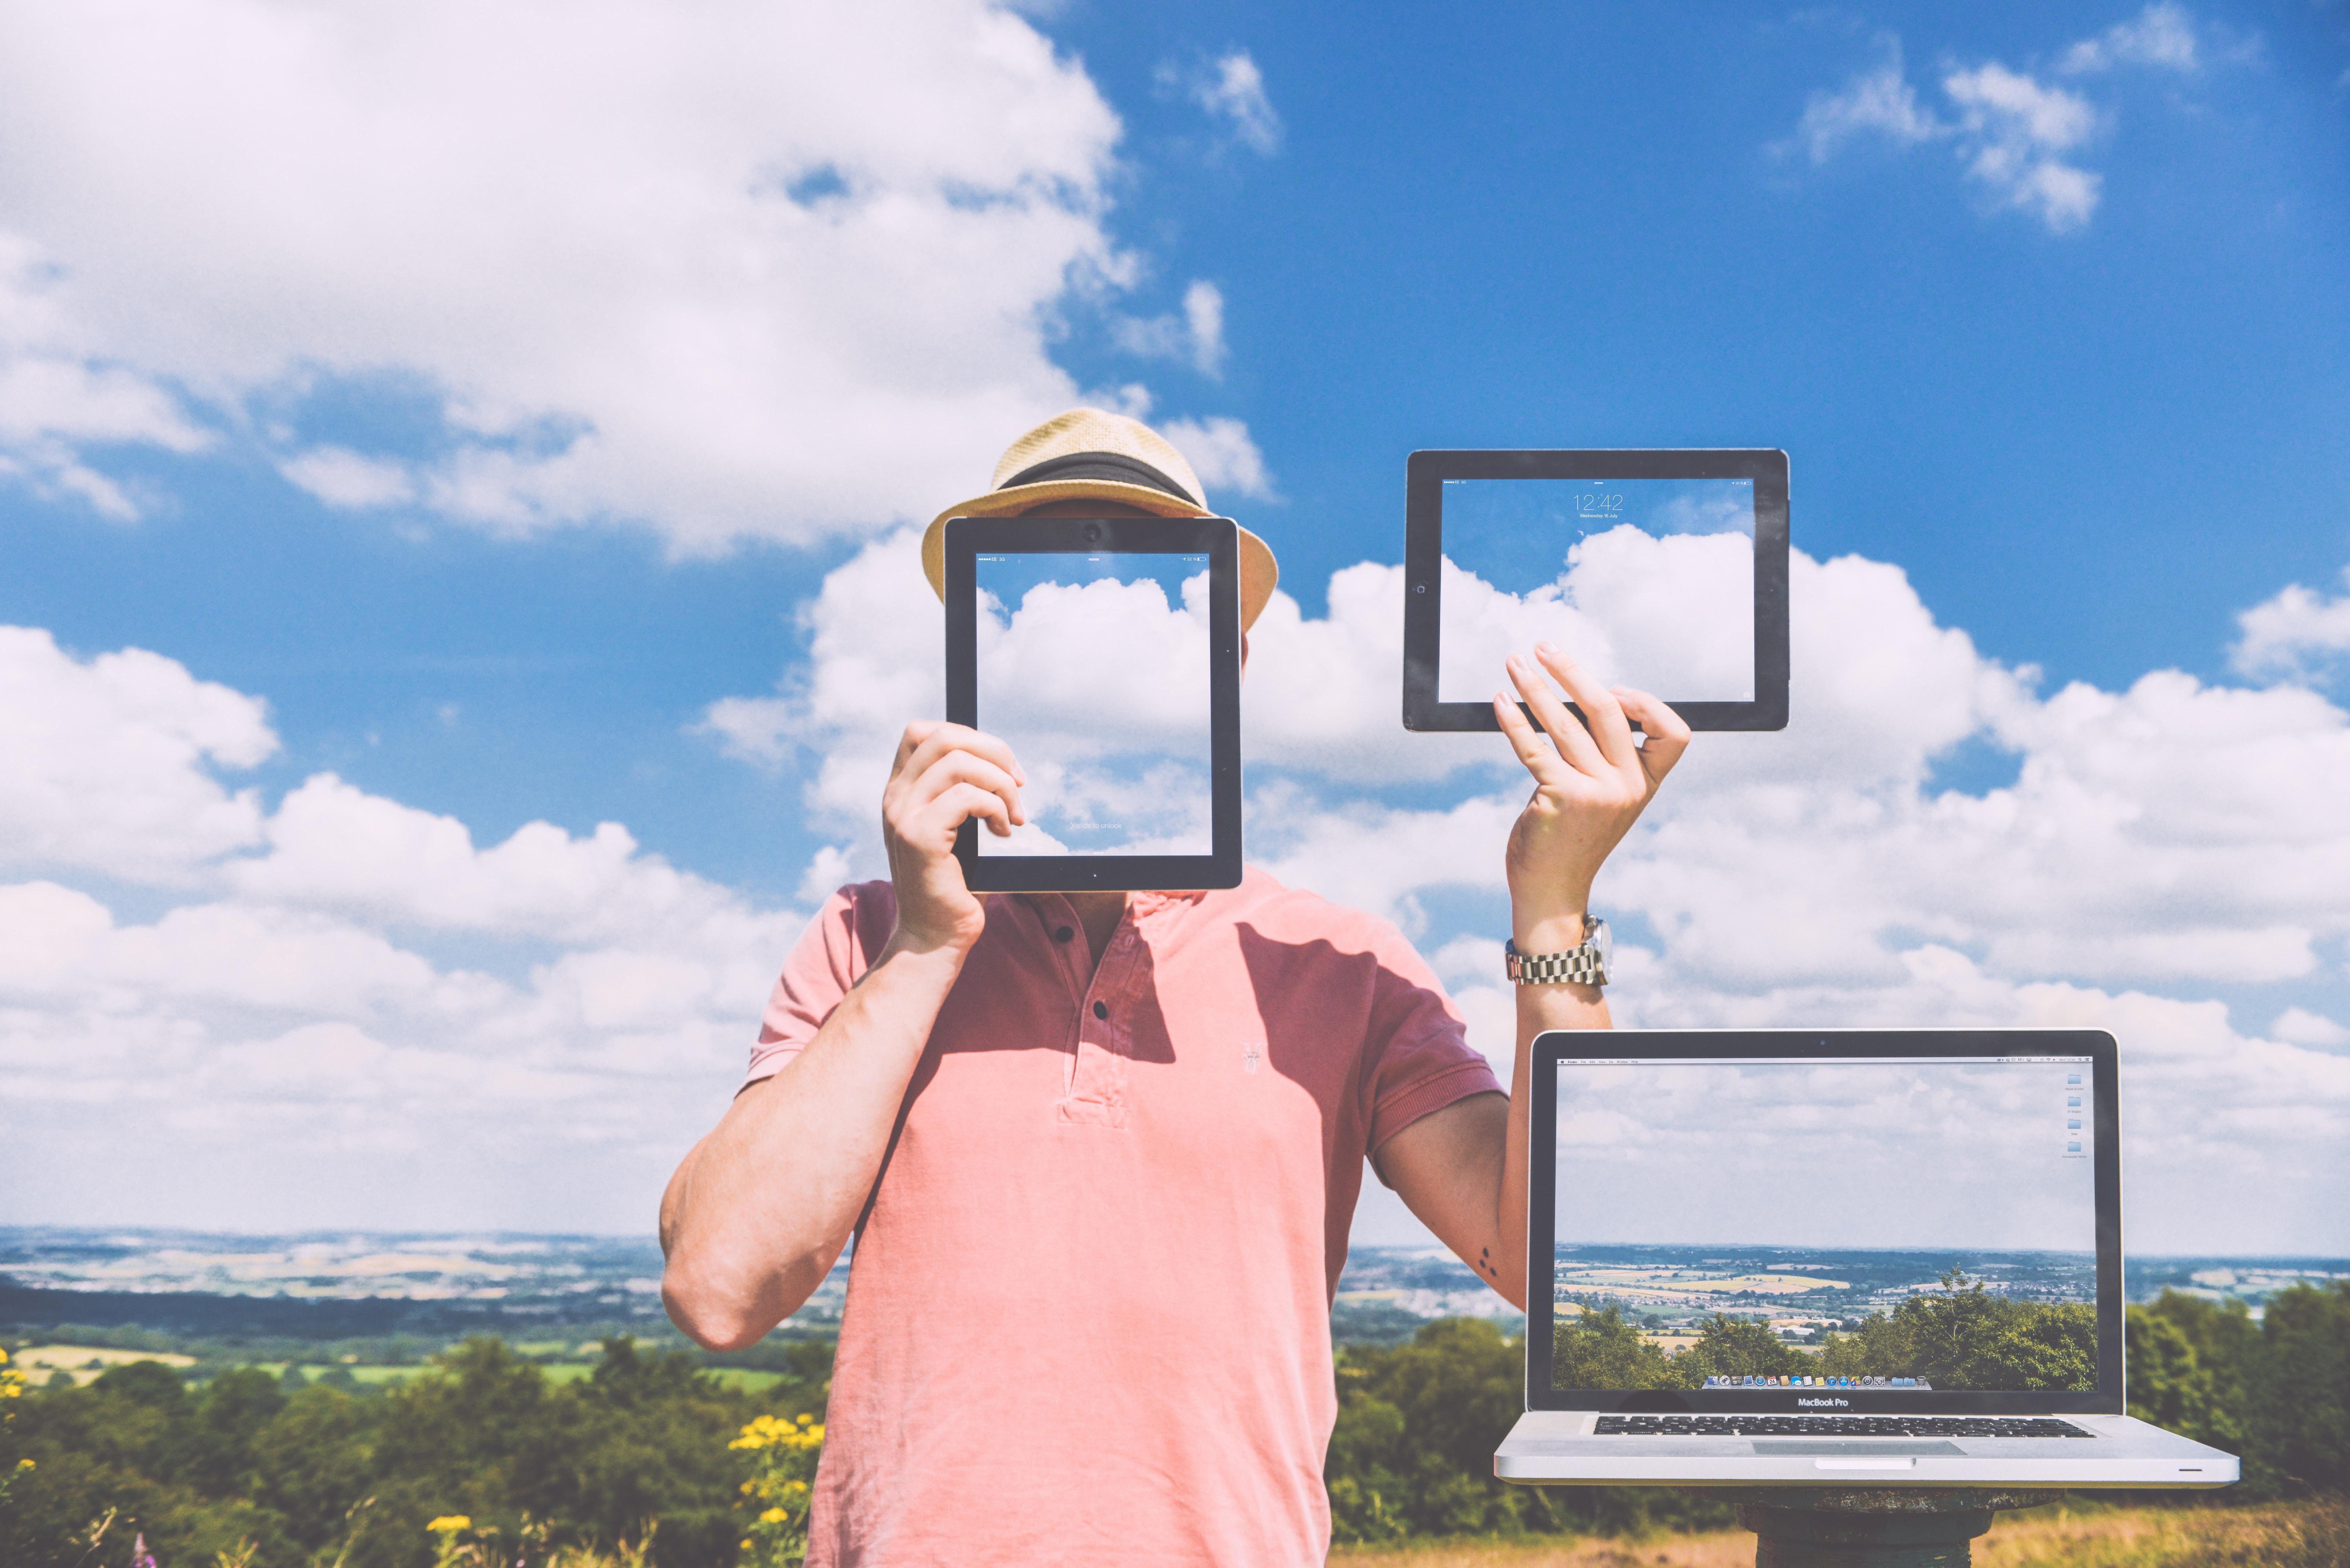 El poder de los indicadores en el marketing digital